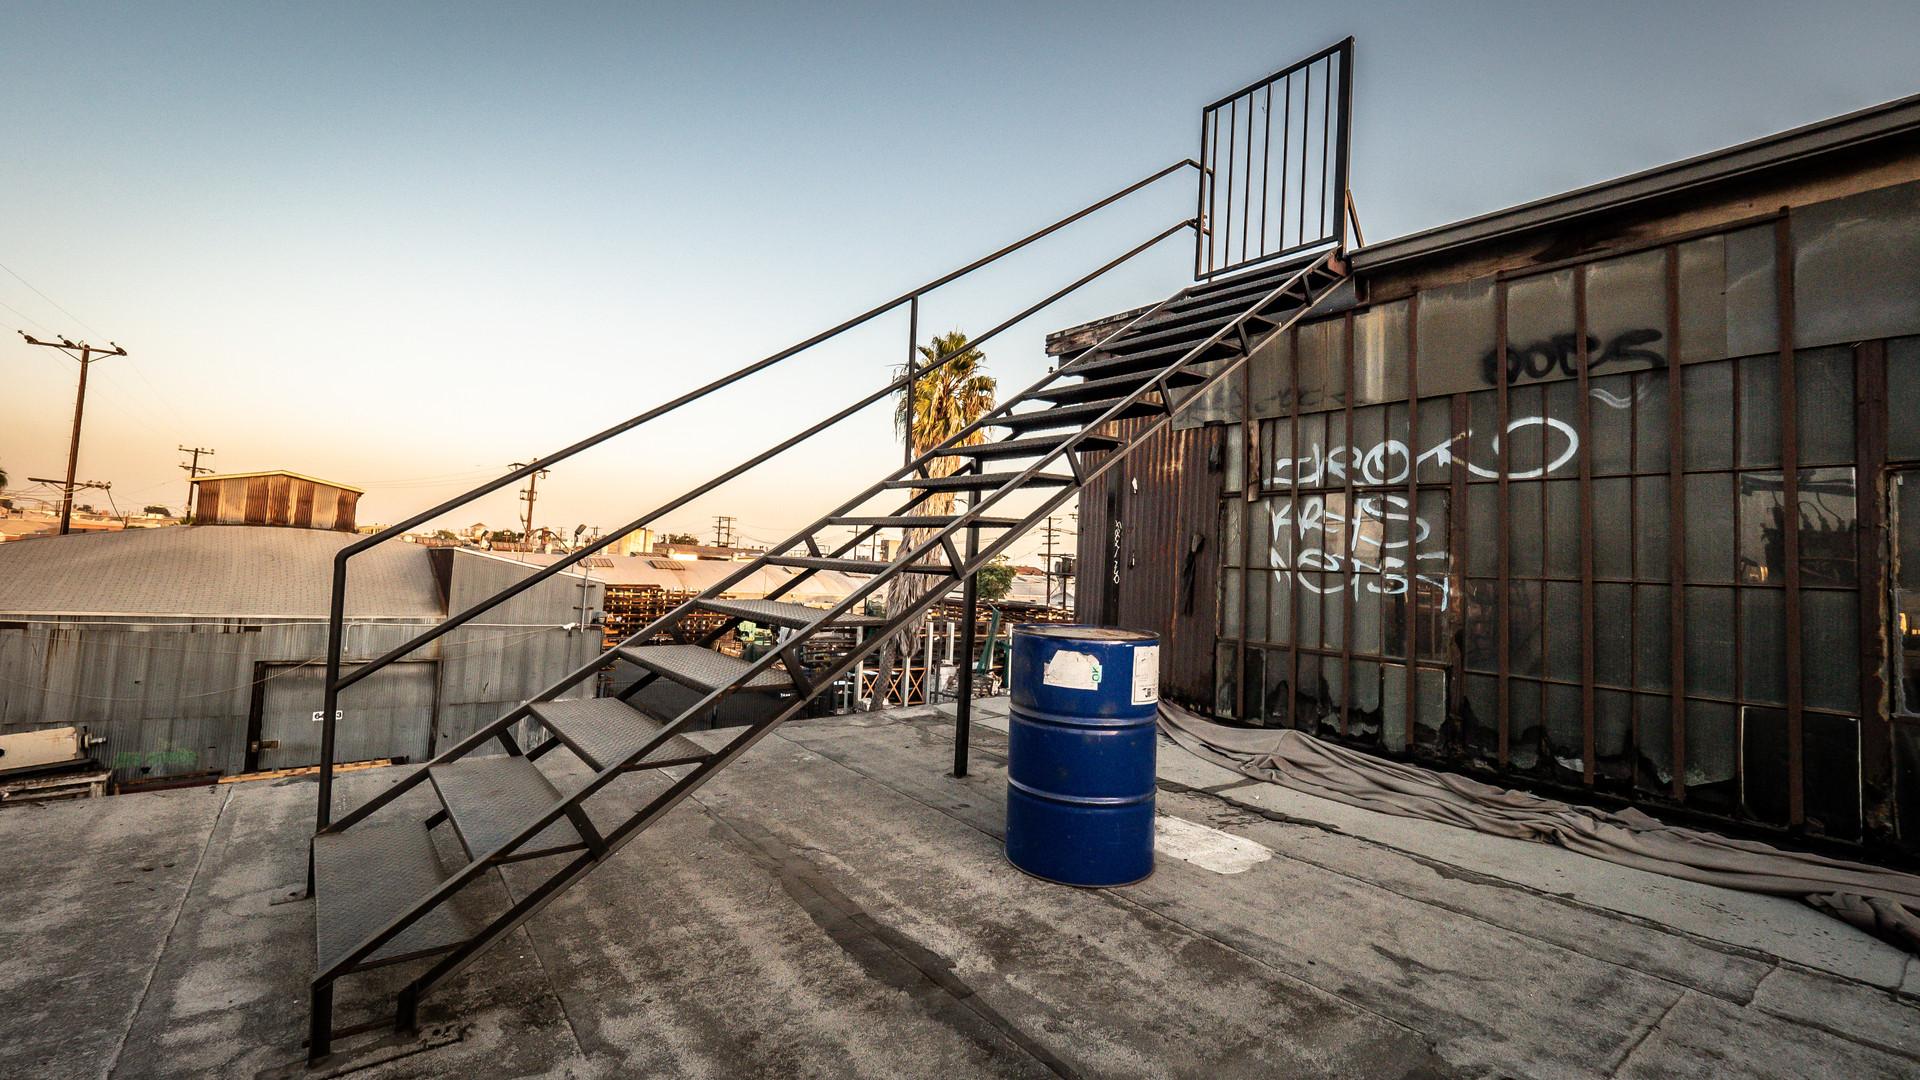 Studios 60 Rooftop